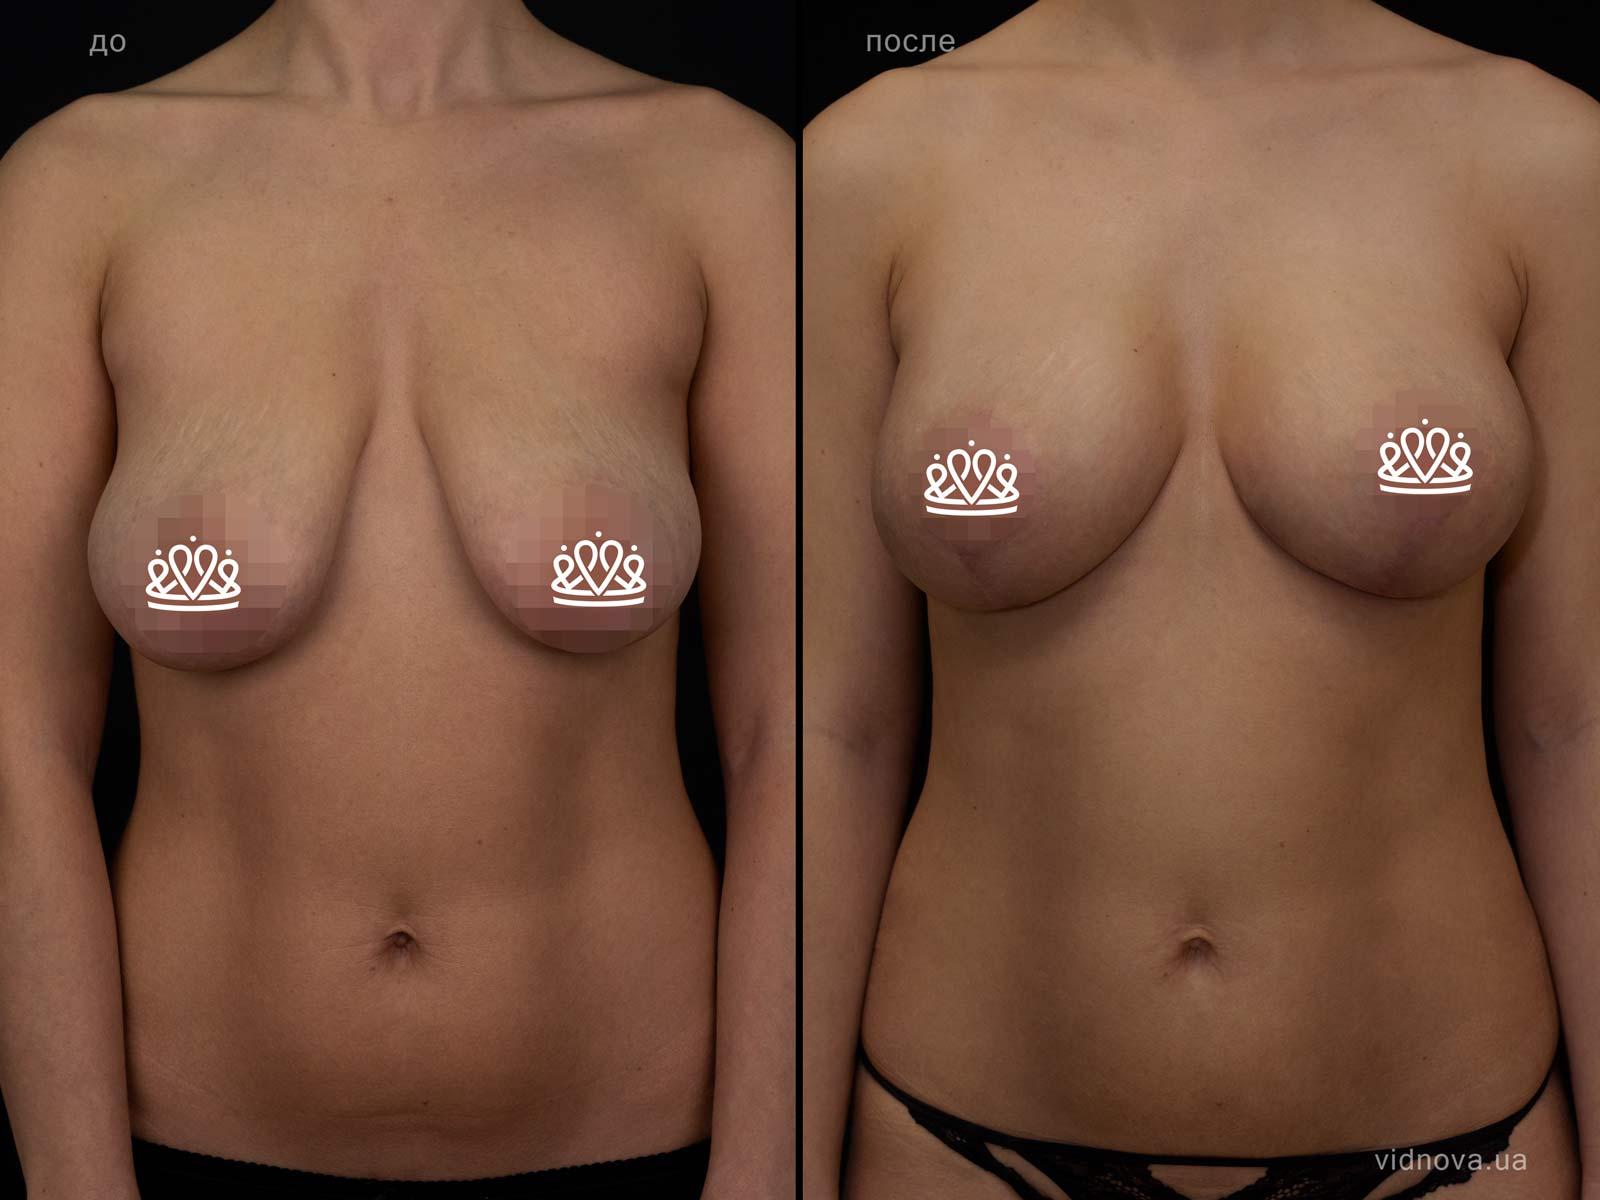 Пластика груди: результаты до и после - Пример №116-0 - Светлана Работенко